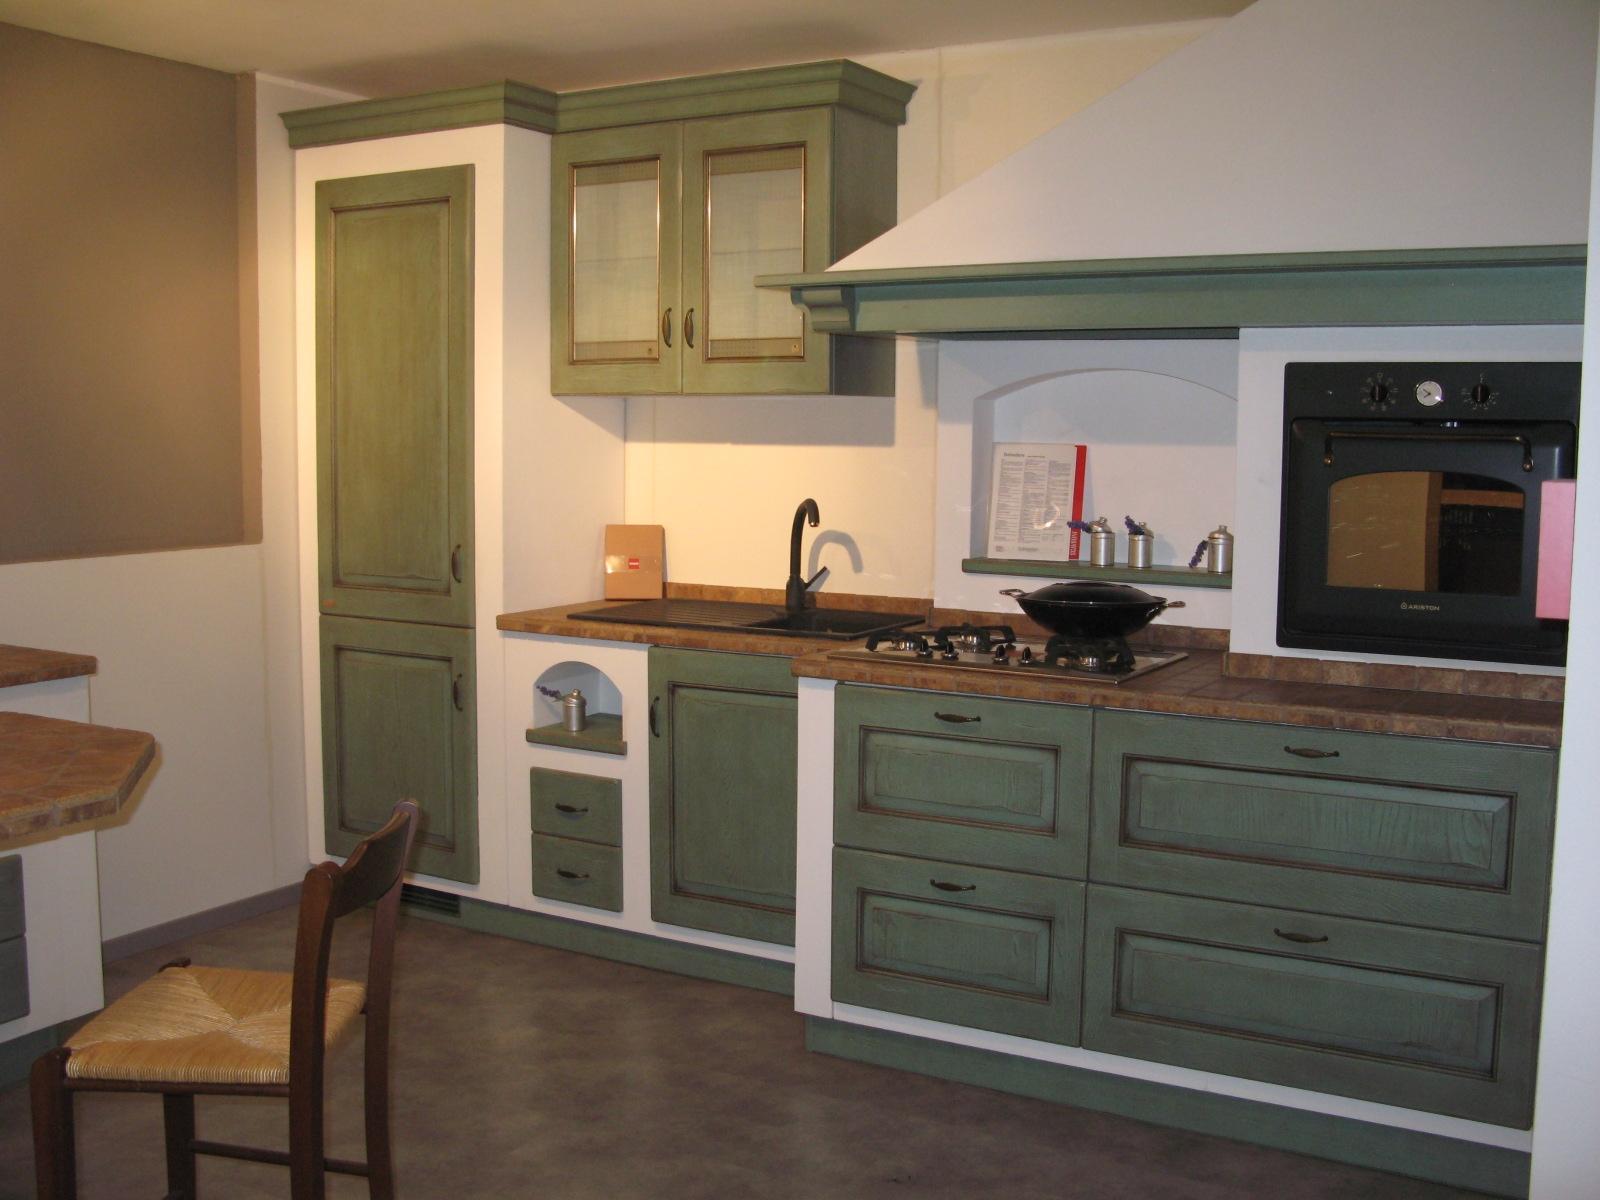 Scavolini offertissima outlet mod belvedere cucine a prezzi scontati - Cucine scavolini country ...